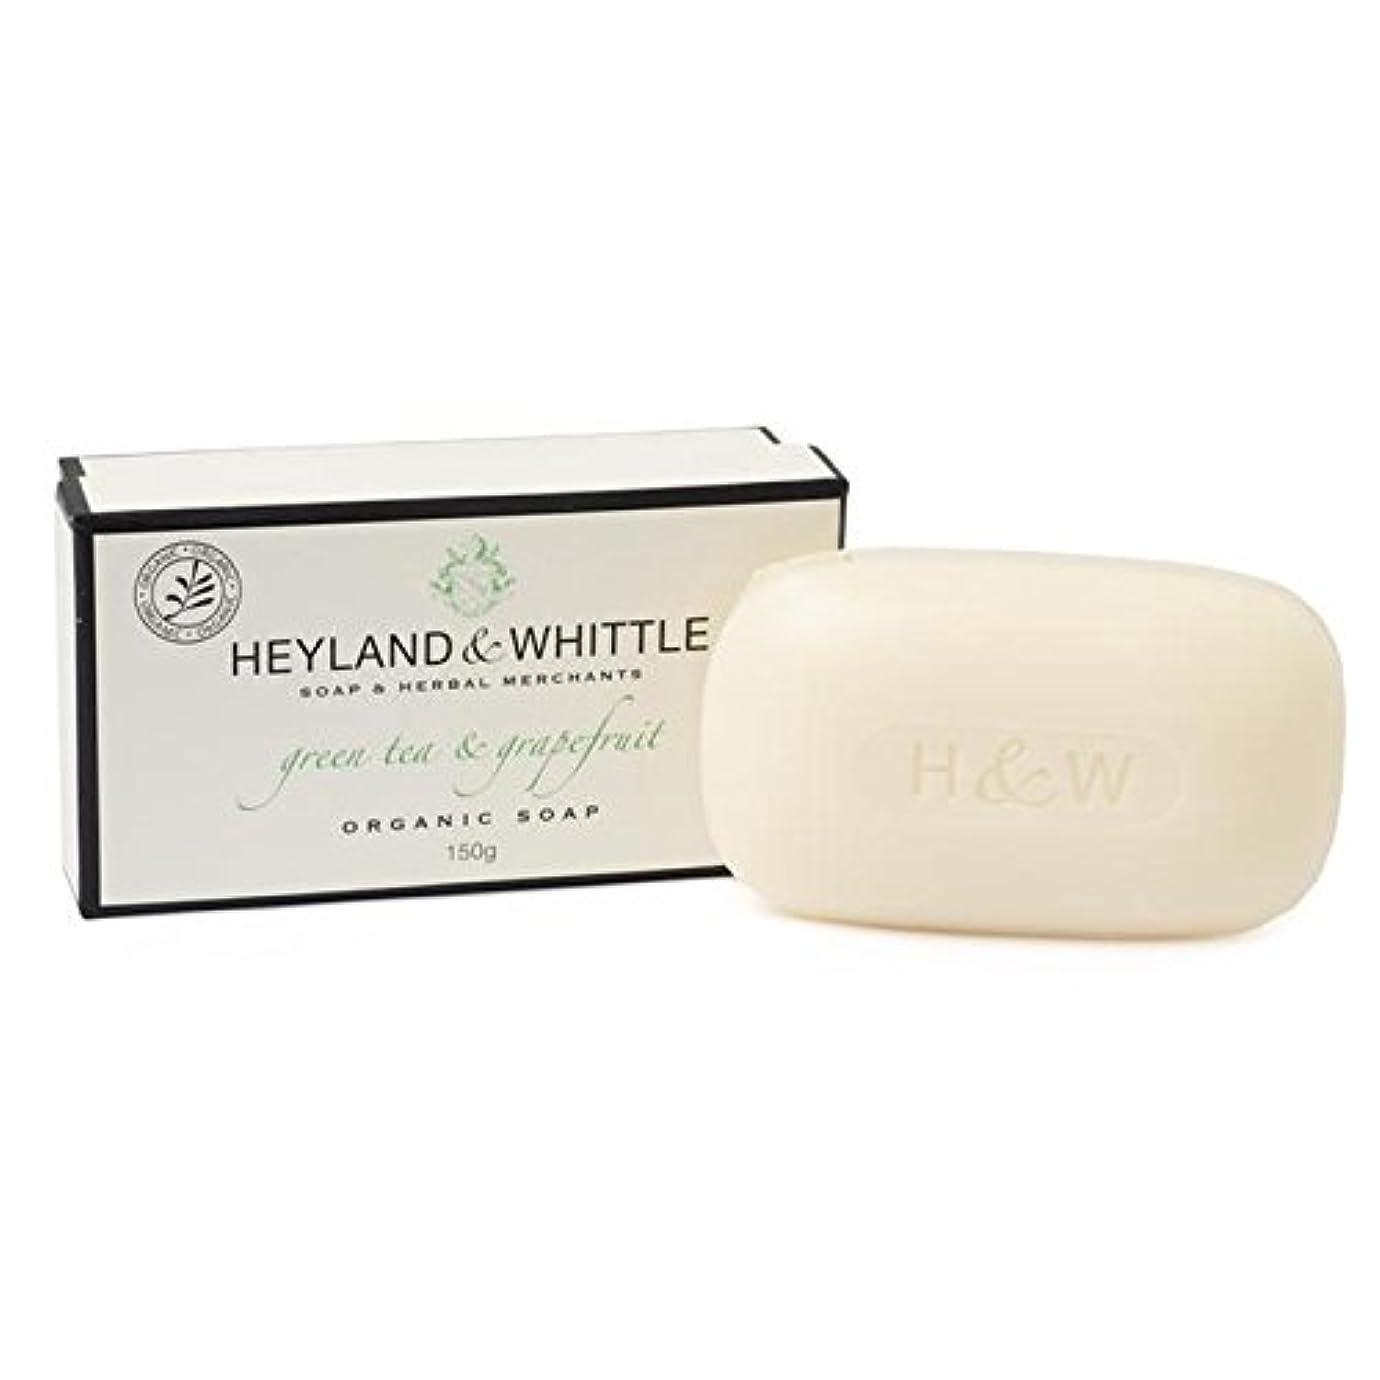 断線カフェ姉妹&削る緑茶&グレープフルーツはオーガニックソープ150グラム箱入り x4 - Heyland & Whittle Green Tea & Grapefruit Boxed Organic Soap 150g (Pack...